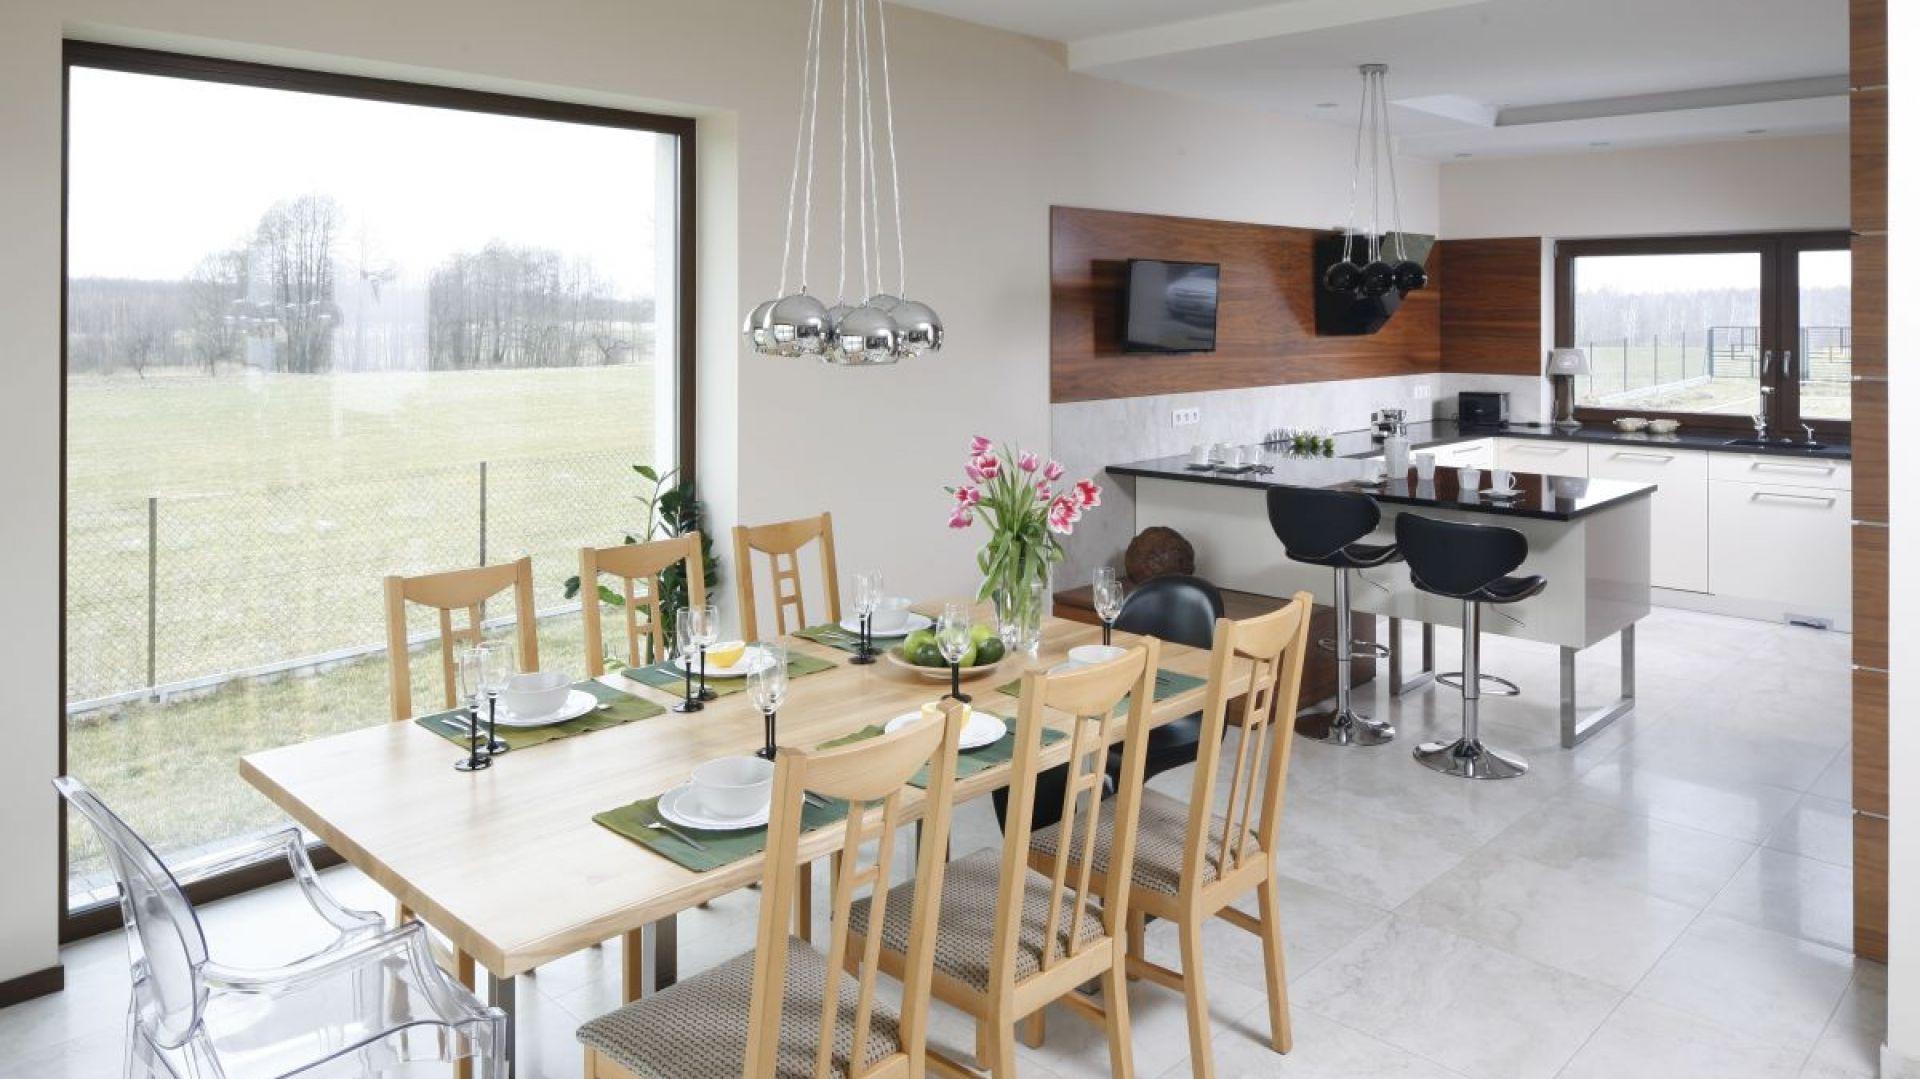 Salon z kuchnią i jadalnią. Projekt Piotr Stanisz. Fot. Bartosz Jarosz